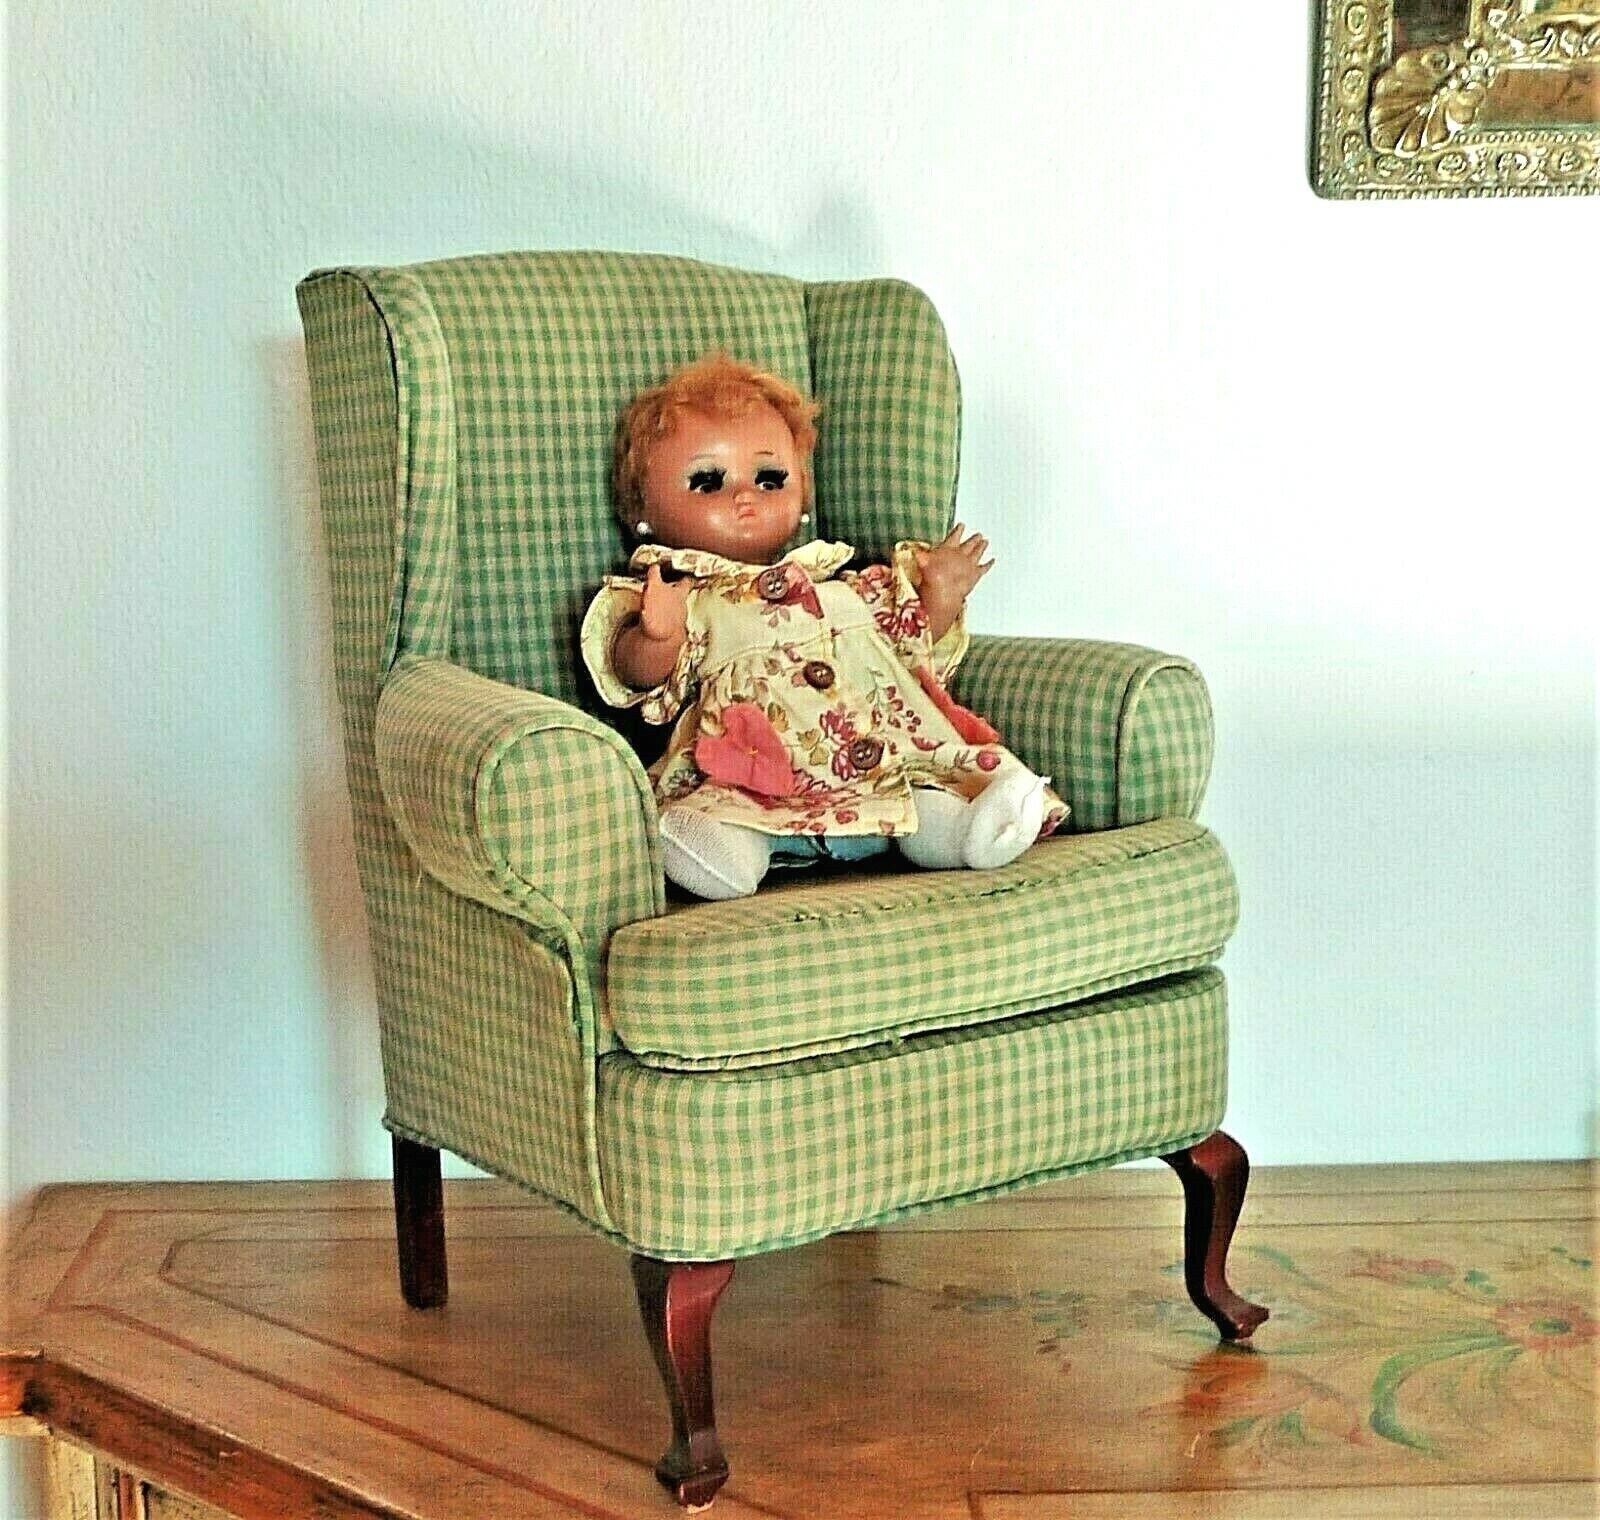 Jolie petite bergère ancienne tapissée de style anglais pour poupée ou ourson.